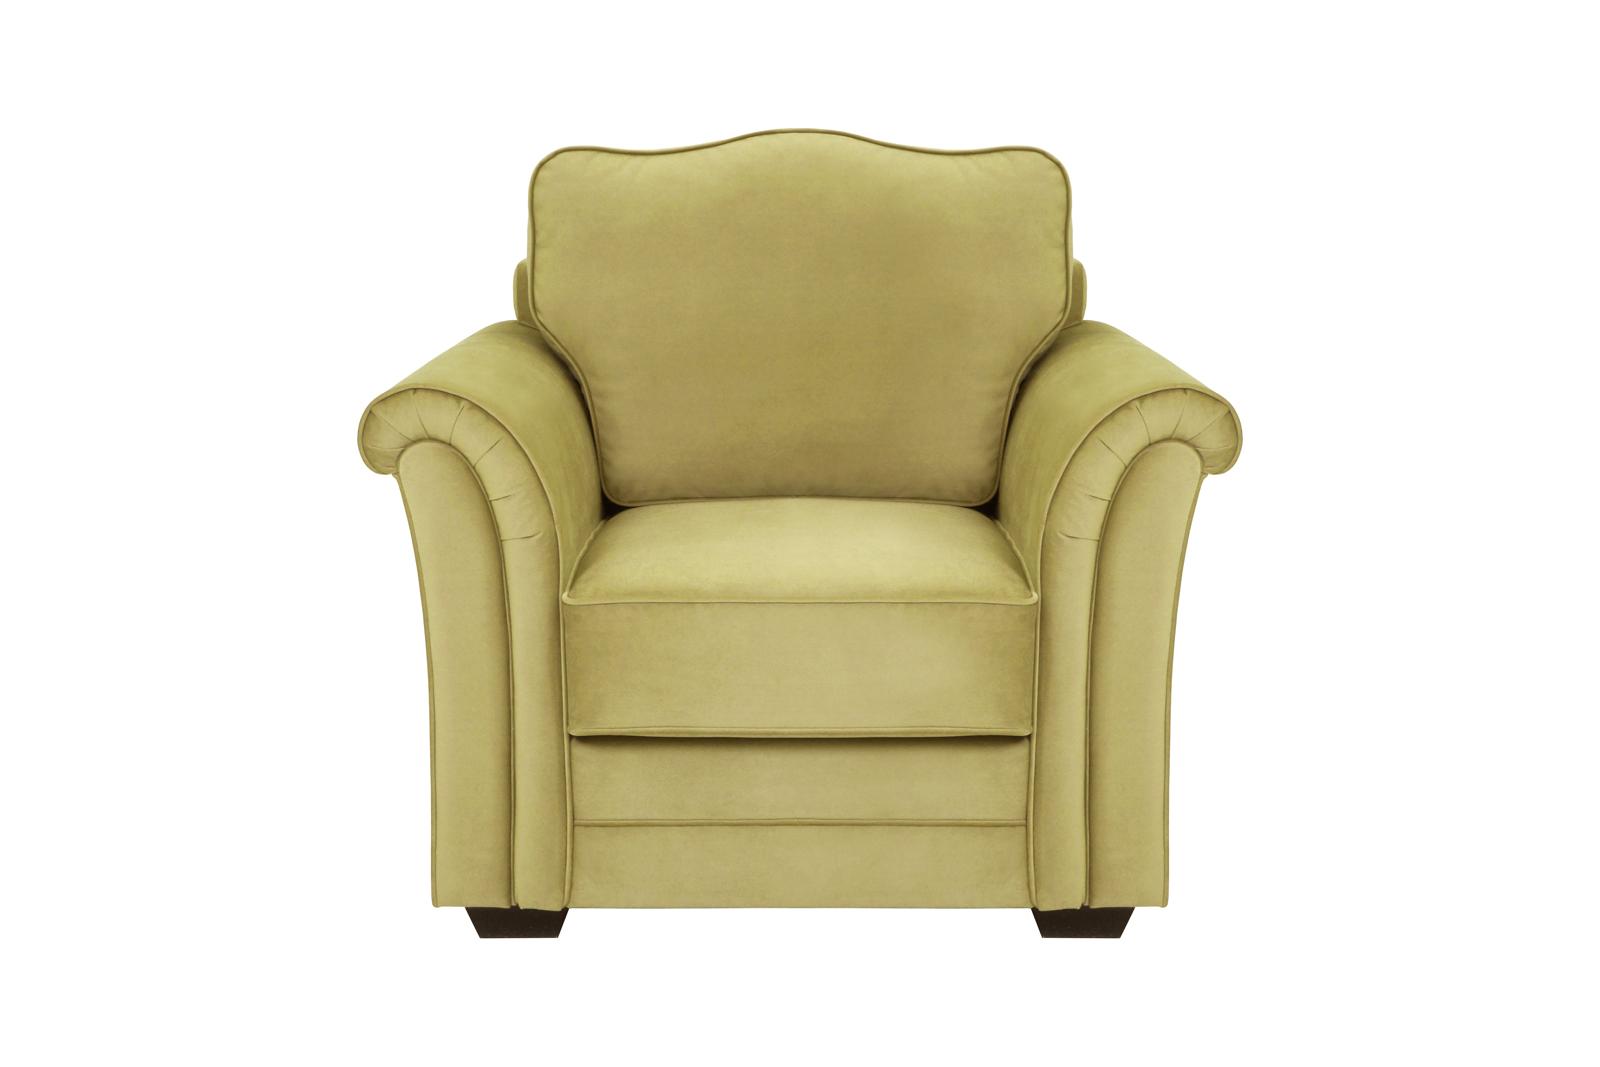 Кресло SydИнтерьерные кресла<br>&amp;lt;div&amp;gt;Это кресло вдохновлено самой природой! Изящные подлокотники, напоминающие по форме панцирь улитки, и спинка, похожая на изящный листик, сочетаются с нежным цветом пиона. Романтичный и элегантный вариант для гостиной в стиле &amp;quot;Прованс&amp;quot;.&amp;lt;/div&amp;gt;&amp;lt;div&amp;gt;&amp;lt;br&amp;gt;&amp;lt;/div&amp;gt;&amp;lt;div&amp;gt;Каркас: деревянный брус, фанера&amp;lt;/div&amp;gt;&amp;lt;div&amp;gt;Сиденье: пружинный блок, пенополиуретан, холлофайбер&amp;lt;/div&amp;gt;&amp;lt;div&amp;gt;Лицевой чехол: несъёмный&amp;lt;/div&amp;gt;&amp;lt;div&amp;gt;Ширина сиденья:54 см.&amp;lt;/div&amp;gt;&amp;lt;div&amp;gt;Глубина сиденья:57 см.&amp;lt;/div&amp;gt;&amp;lt;div&amp;gt;Высота сиденья:48 см.&amp;lt;/div&amp;gt;<br><br>Material: Текстиль<br>Width см: 103<br>Depth см: 103<br>Height см: 97